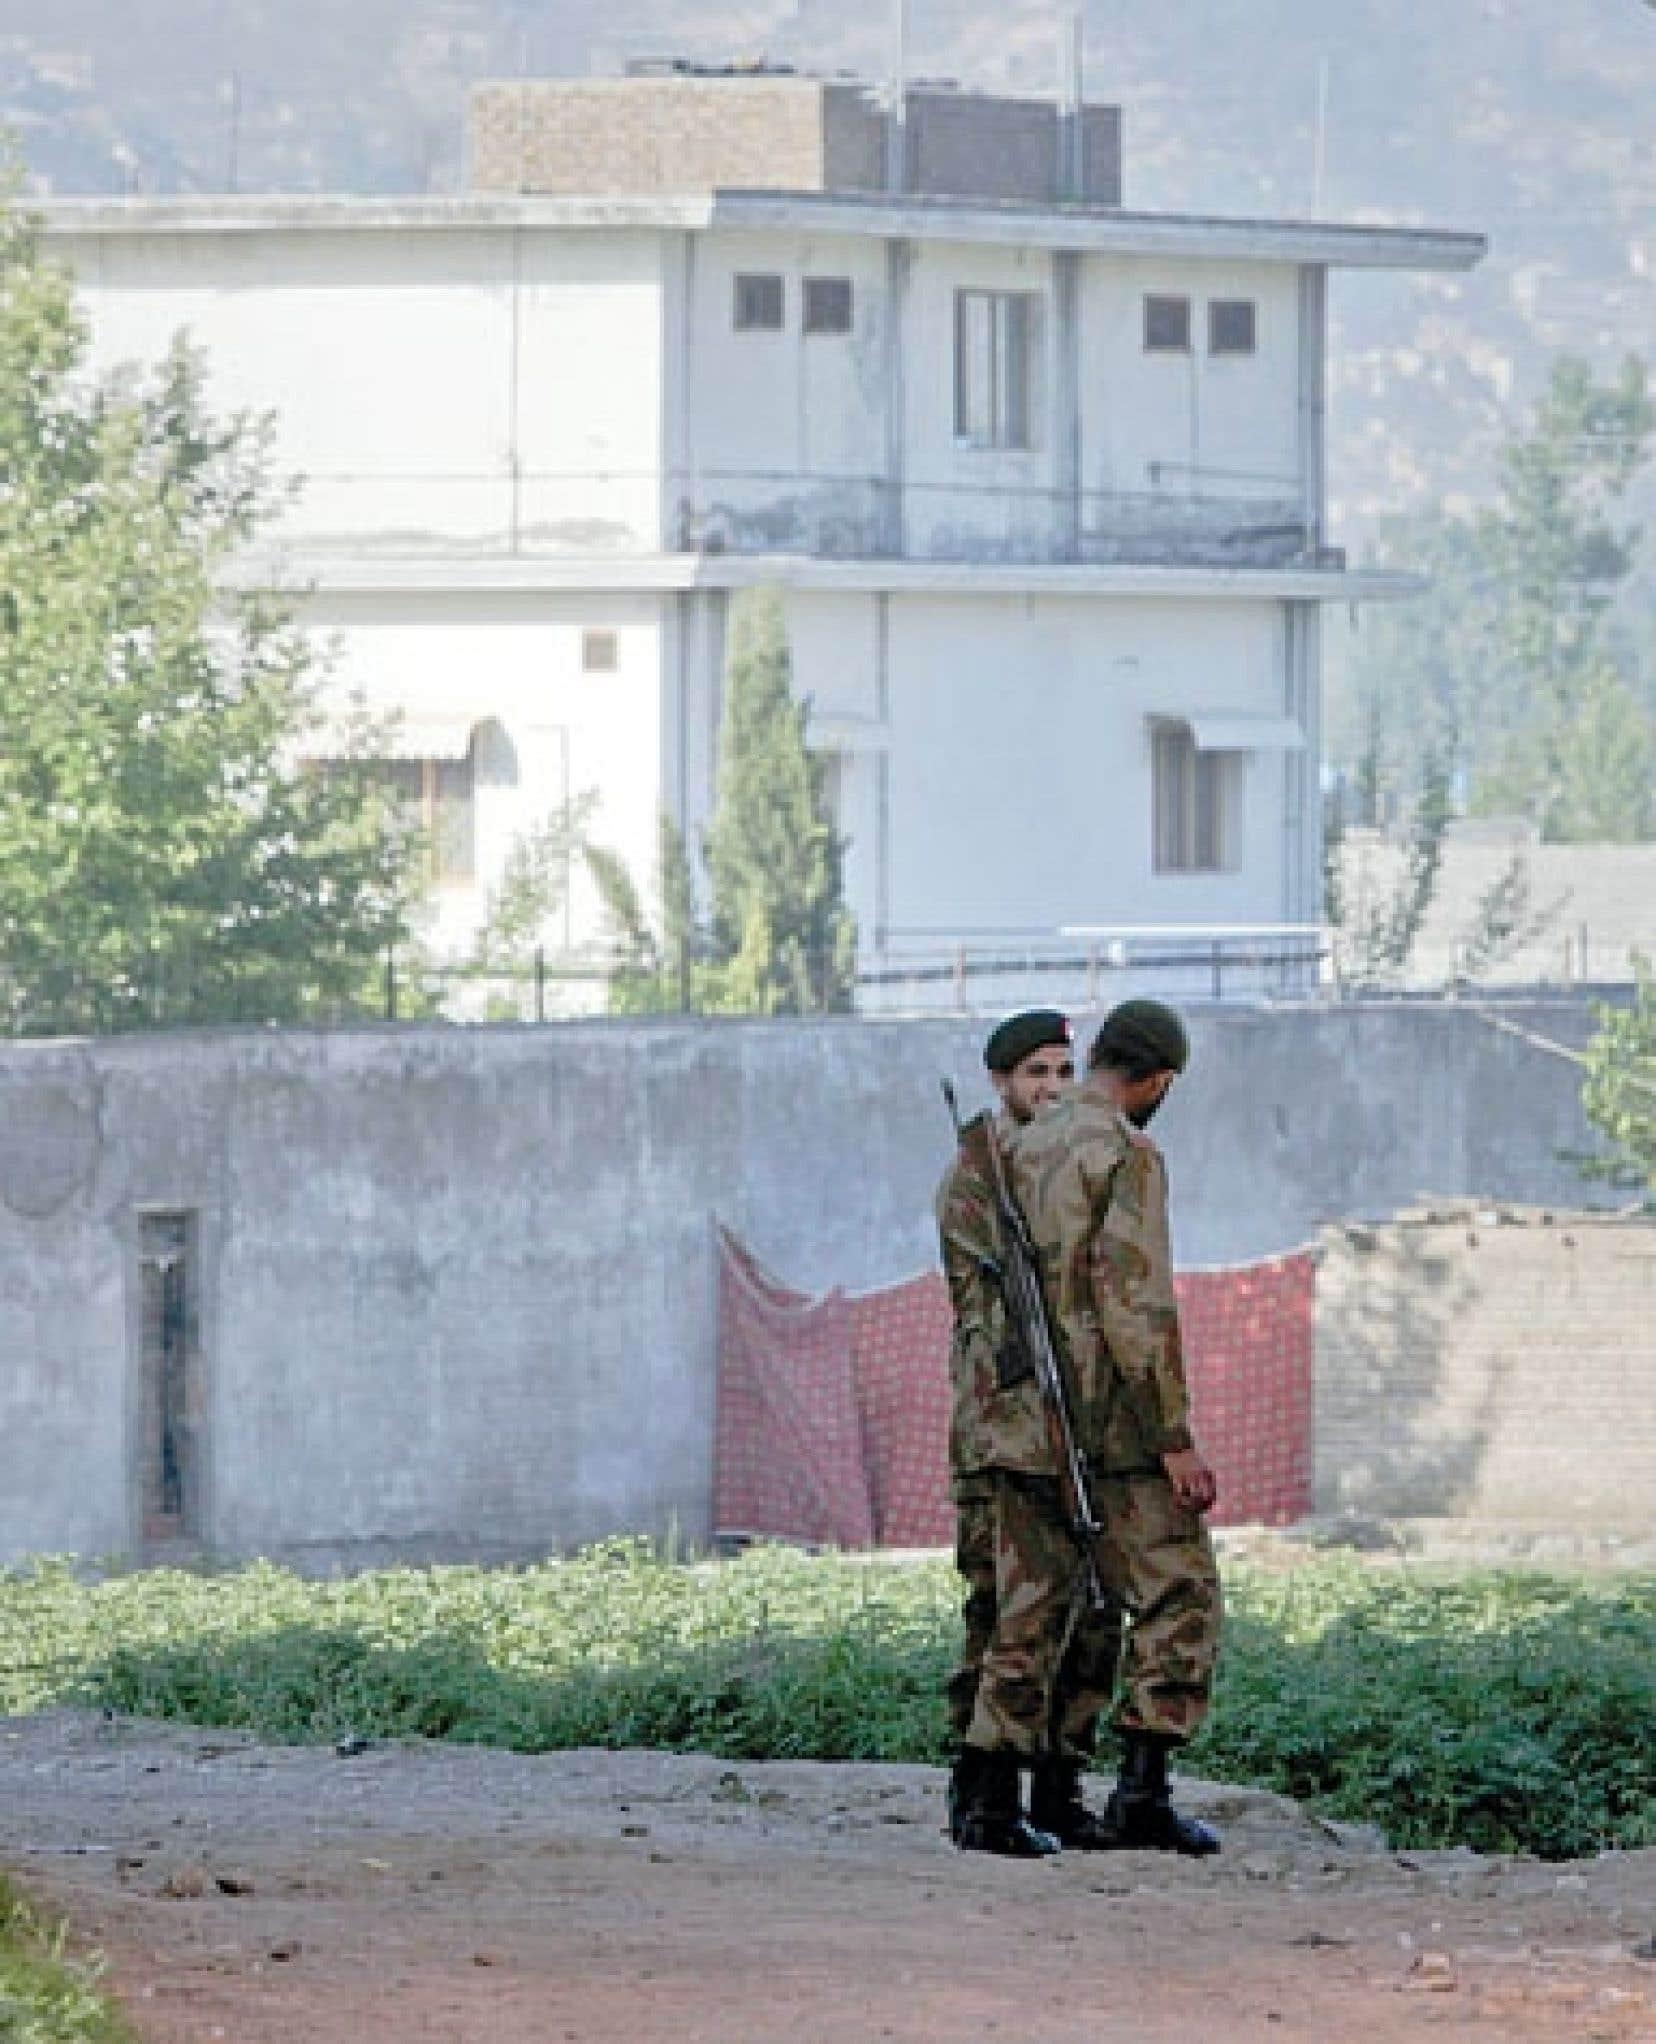 <div> Des soldats pakistanais montaient la garde devant la résidence de Ben Laden, à Abbottabad, peu après la mort du chef d'al-Qaïda.</div>